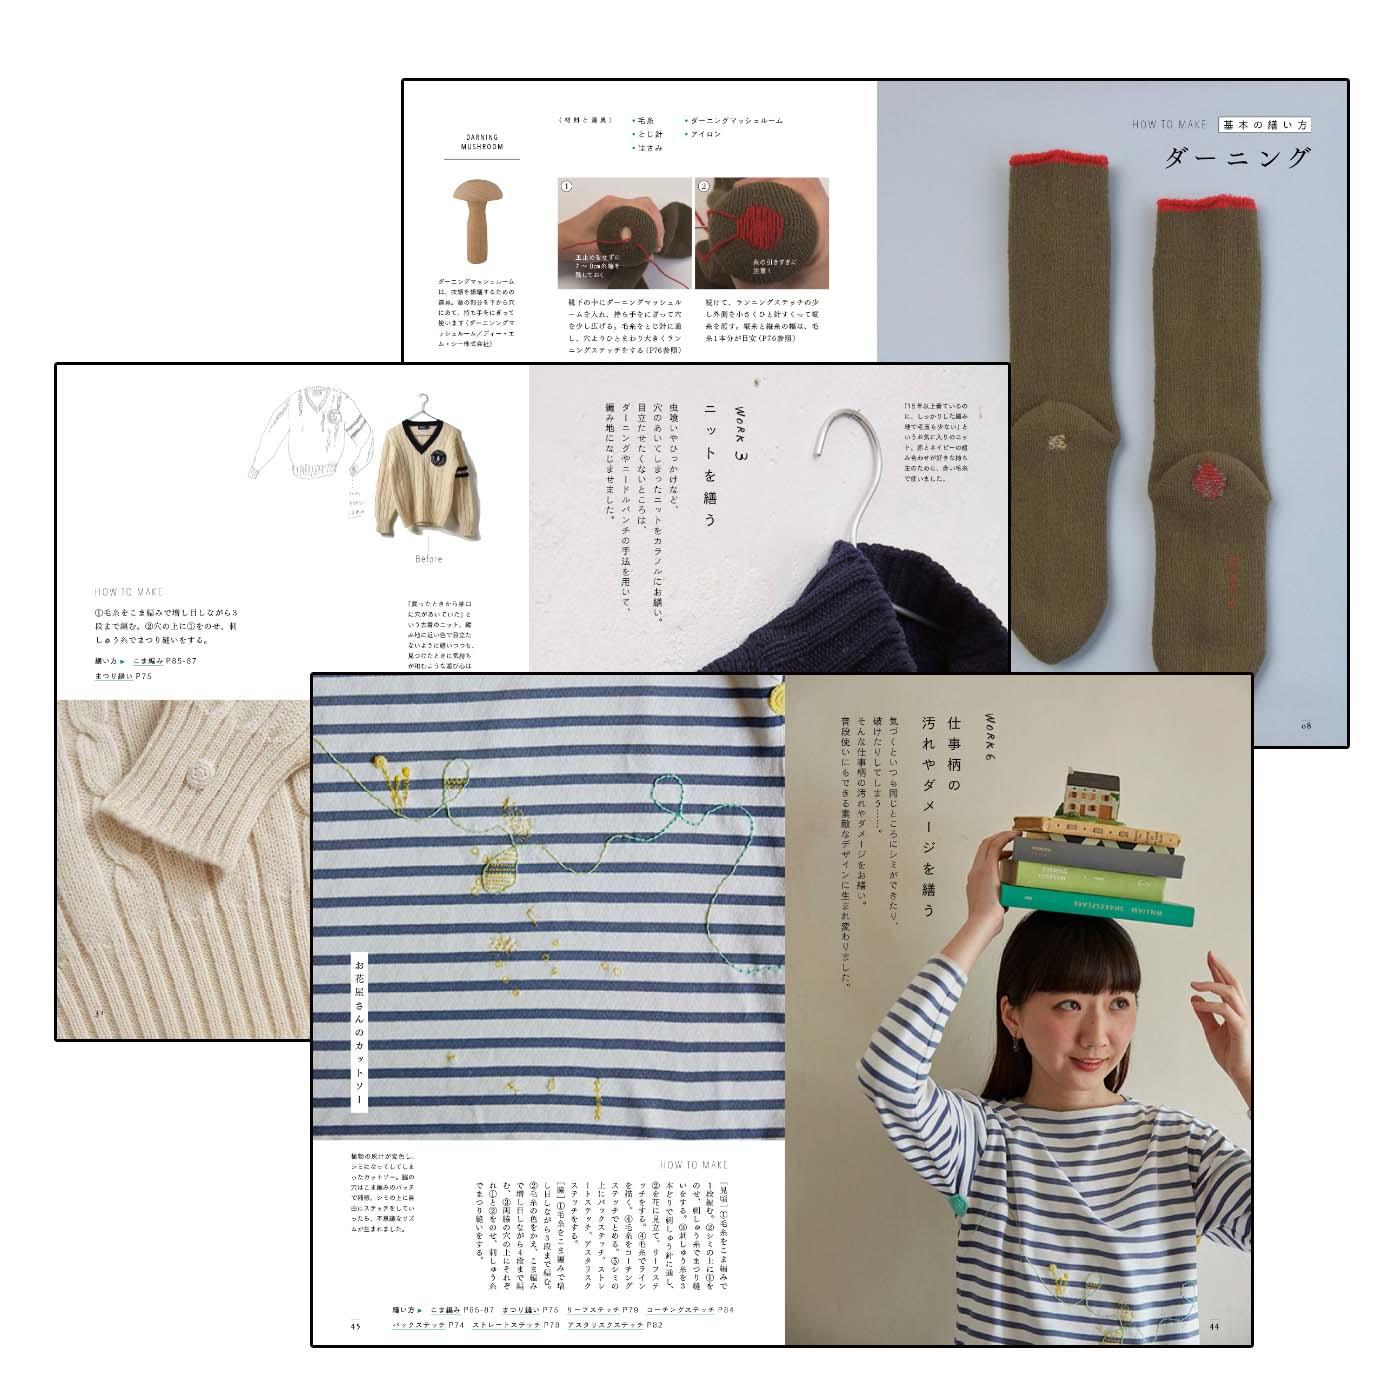 『繕う暮らし』はさまざまな繕い方のアイデアが紹介されています。カラービジュアルが豊富。繕い方の基本ステッチもいろいろ紹介されています。